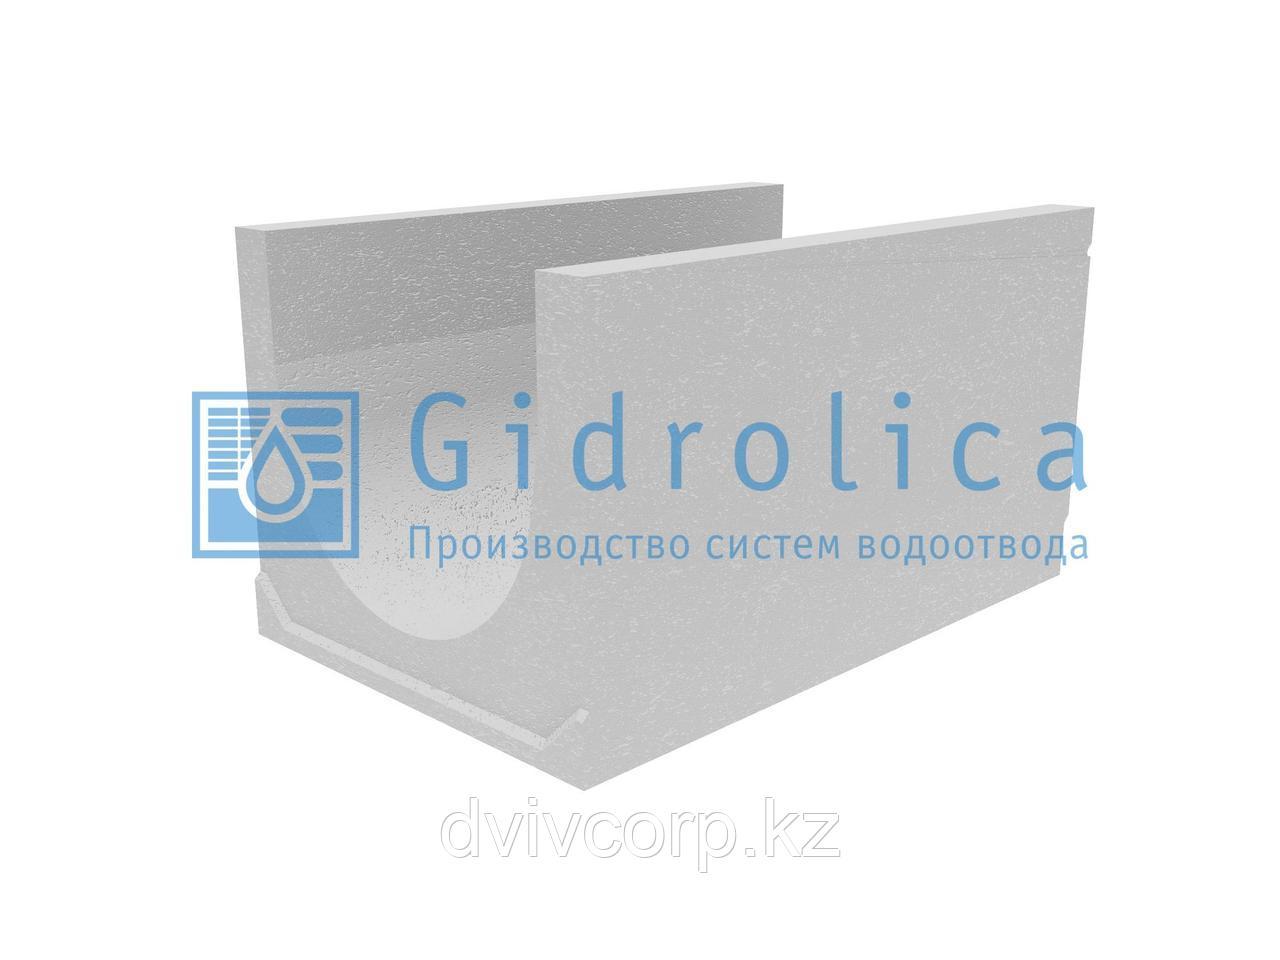 Лоток водоотводный бетонный коробчатый (СО-500мм), с уклоном 0,5%  КUу 100.65(50).56,5(47,5) - BGU-XL, № 23